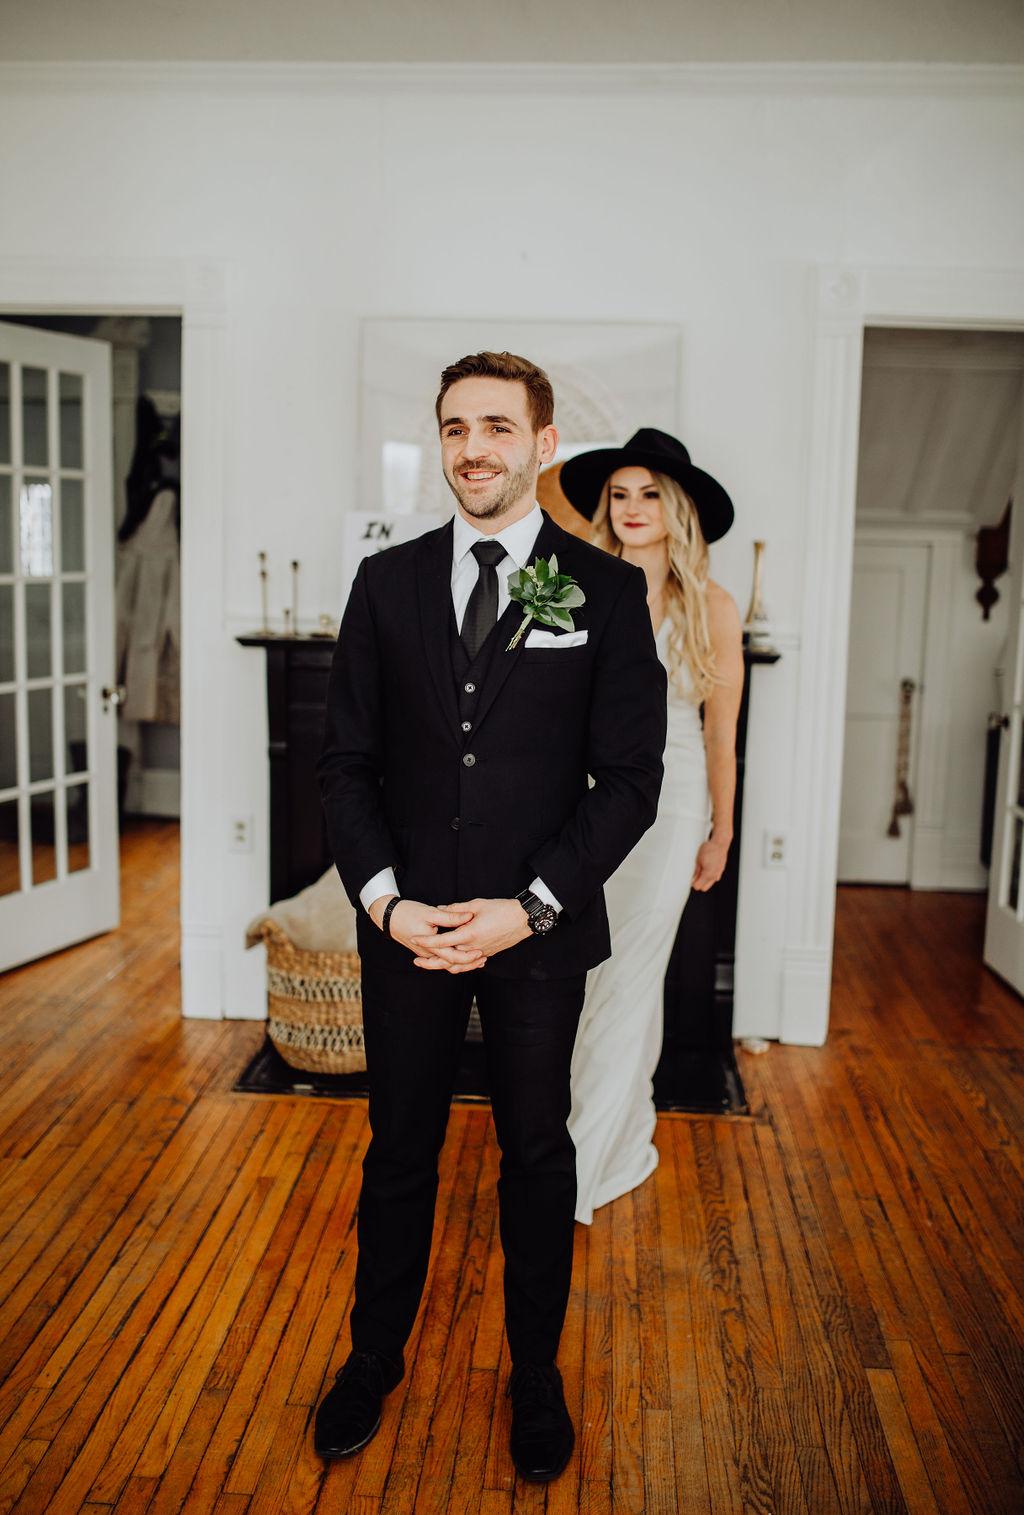 Our Intimate Courthouse Wedding First Look | Miranda Schroeder Blog | www.mirandaschroeder.com